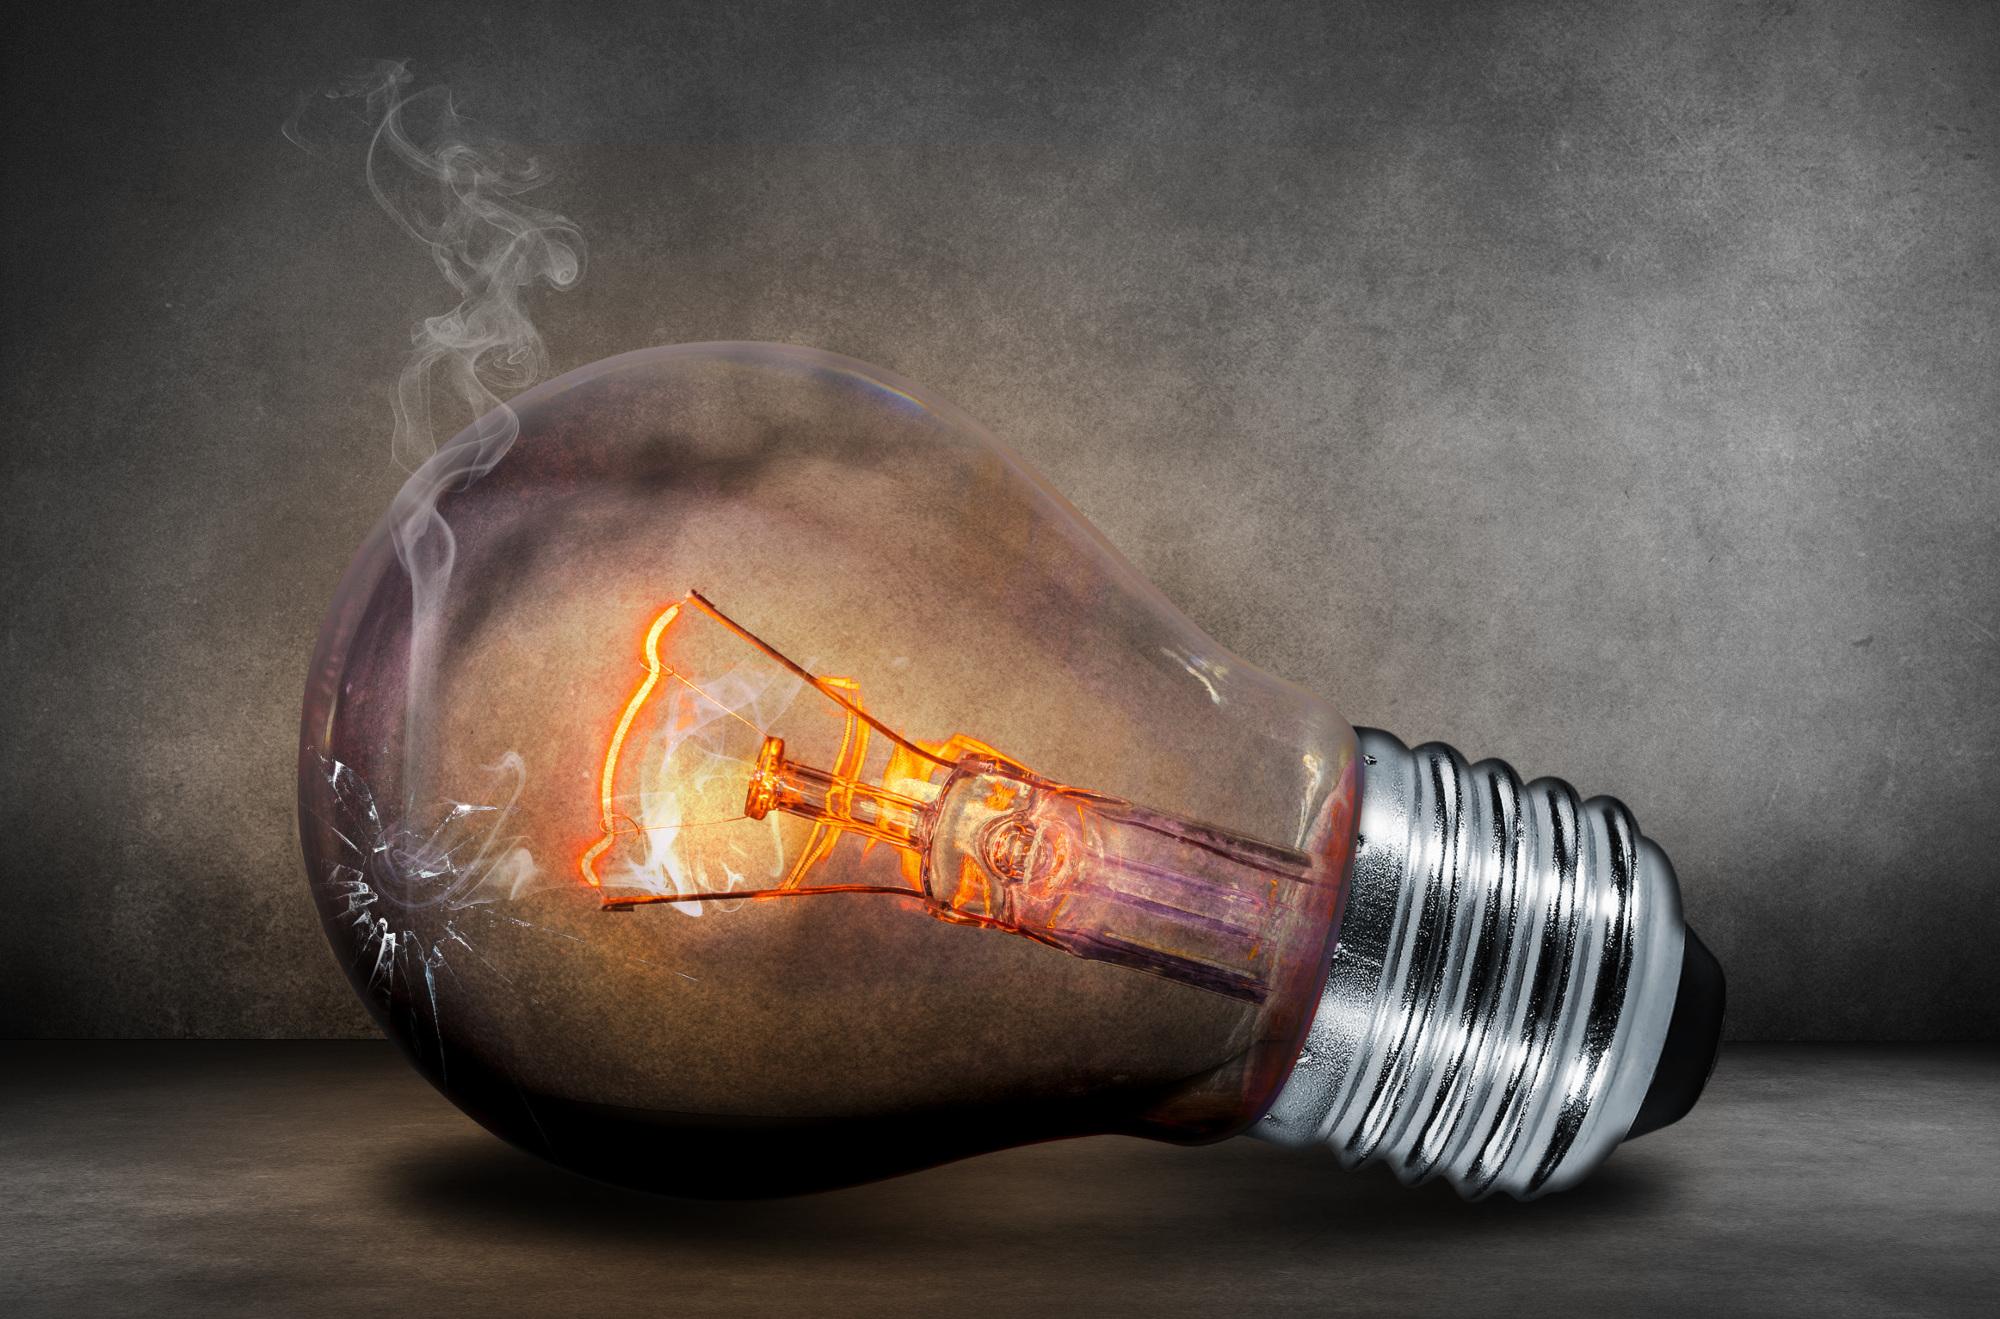 La factura de la electricidad